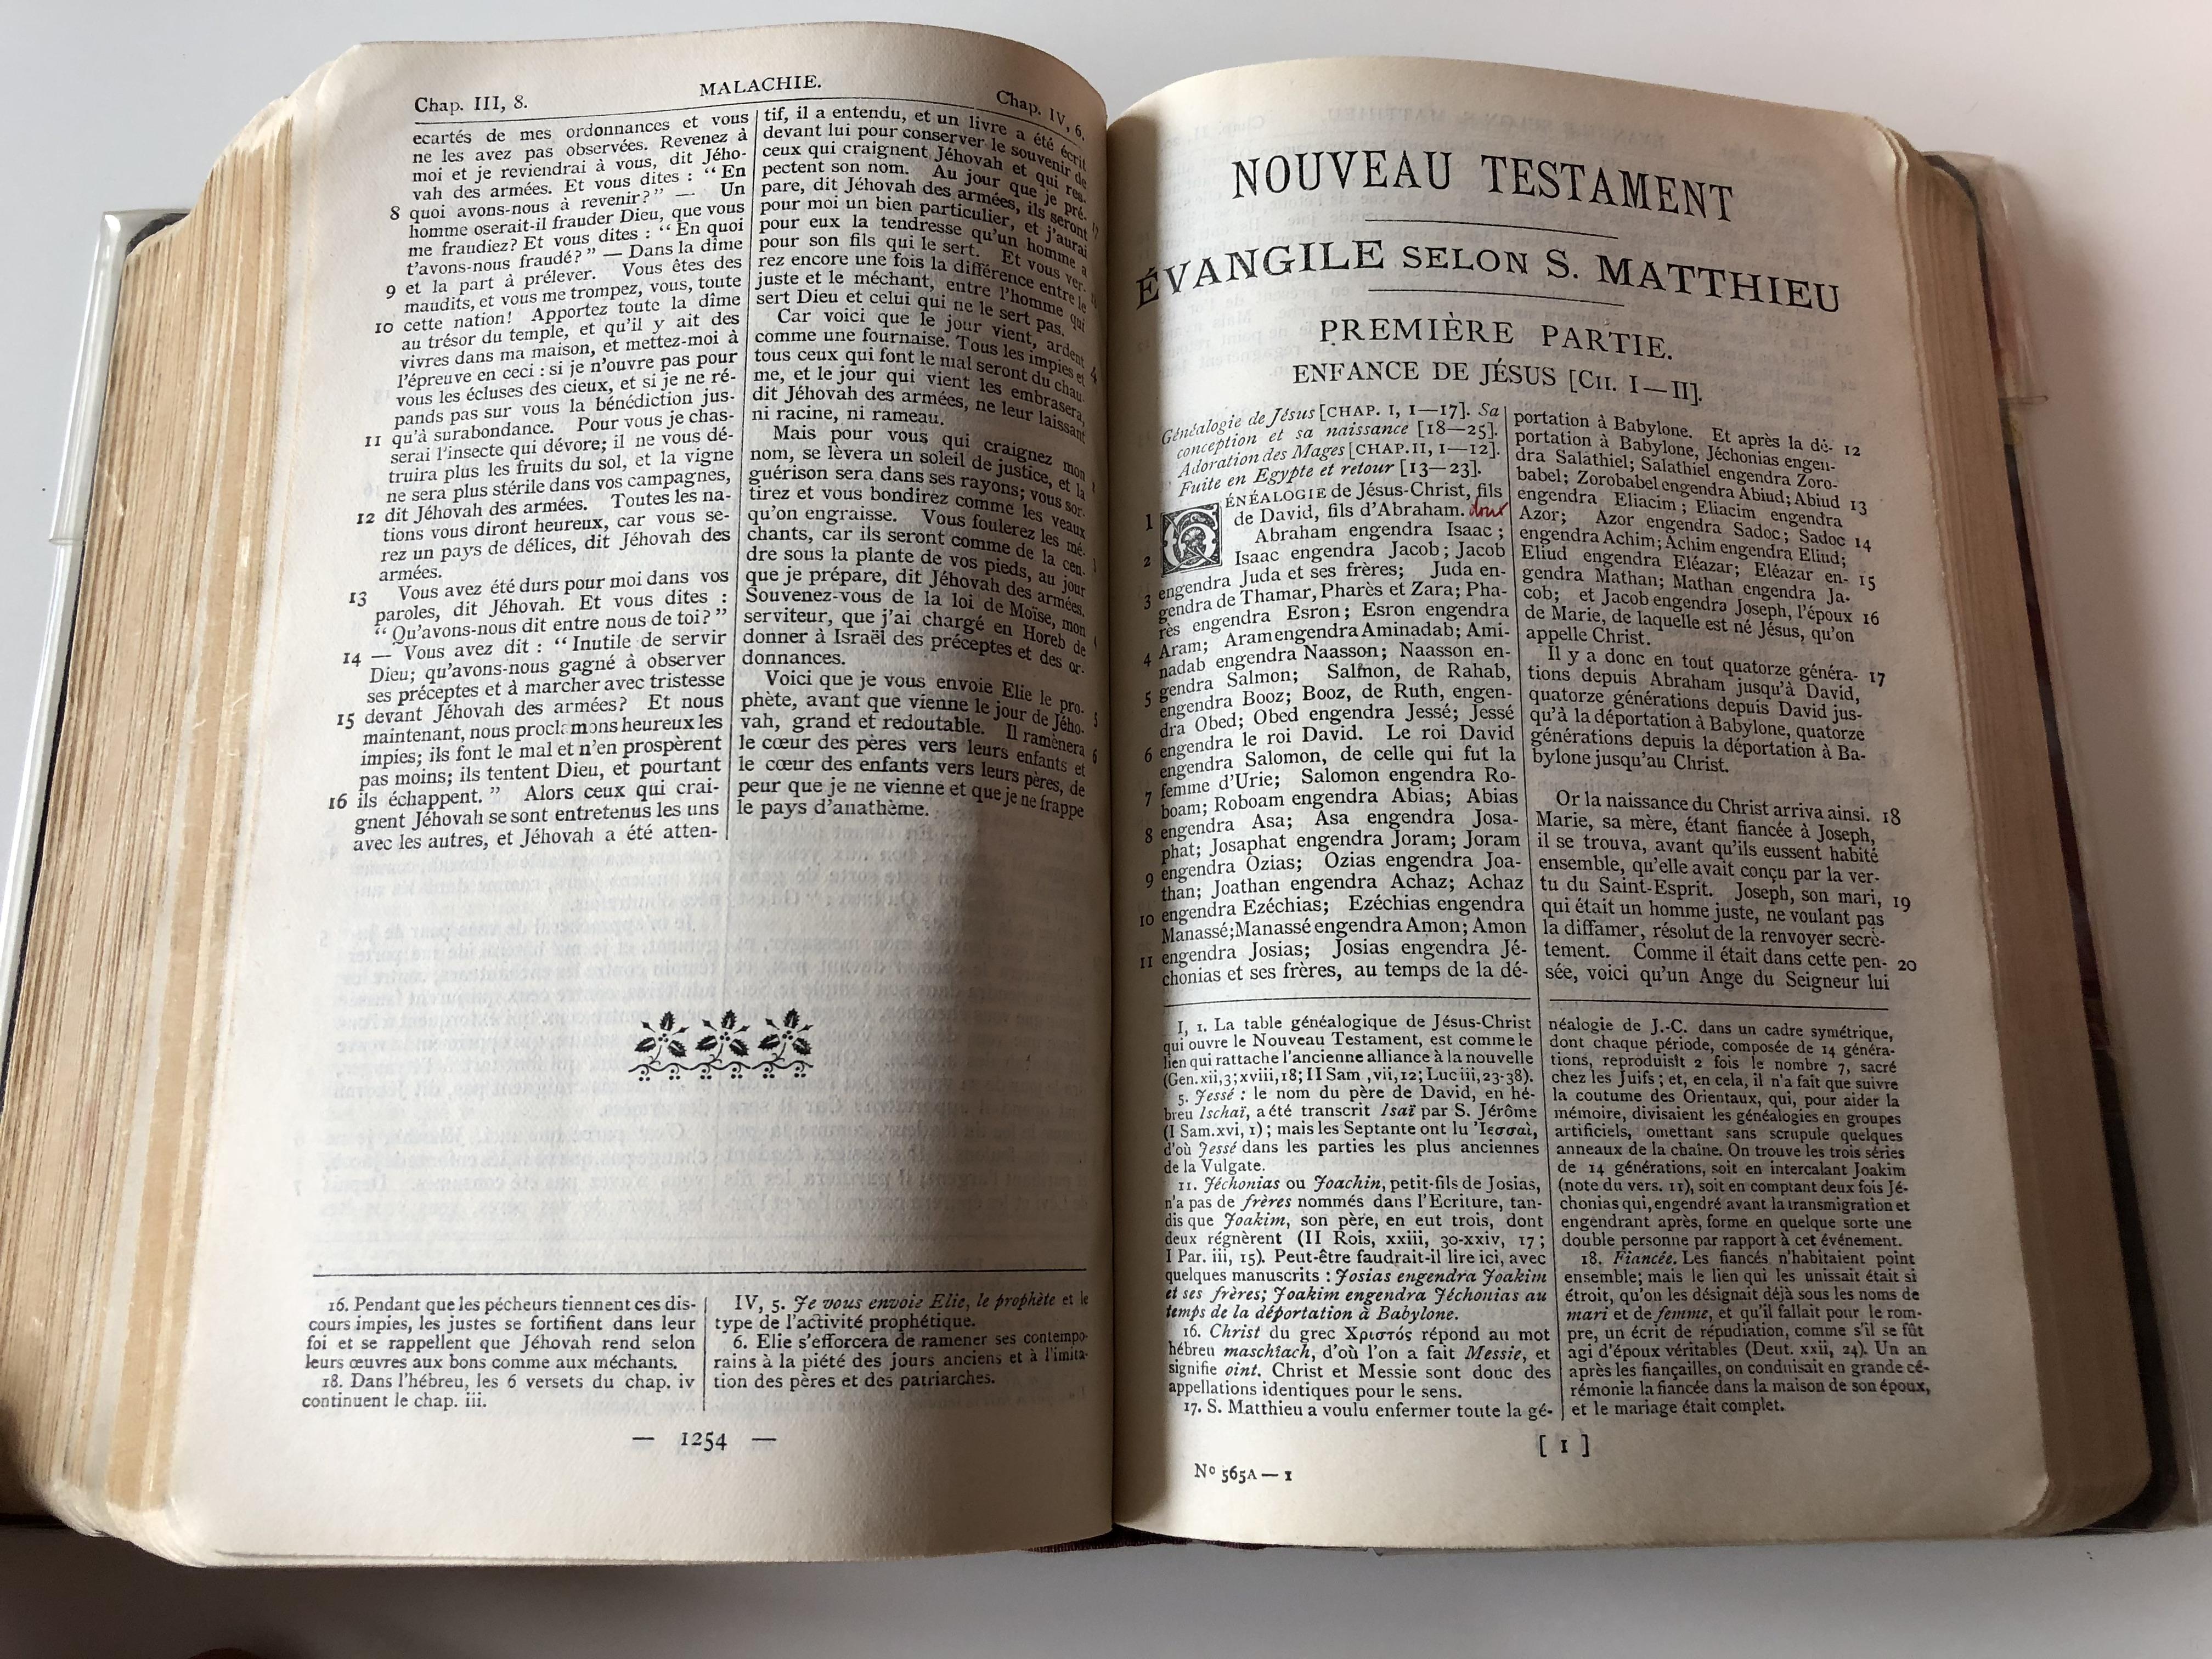 french-bible-1905-la-sainte-bible-20-.jpg